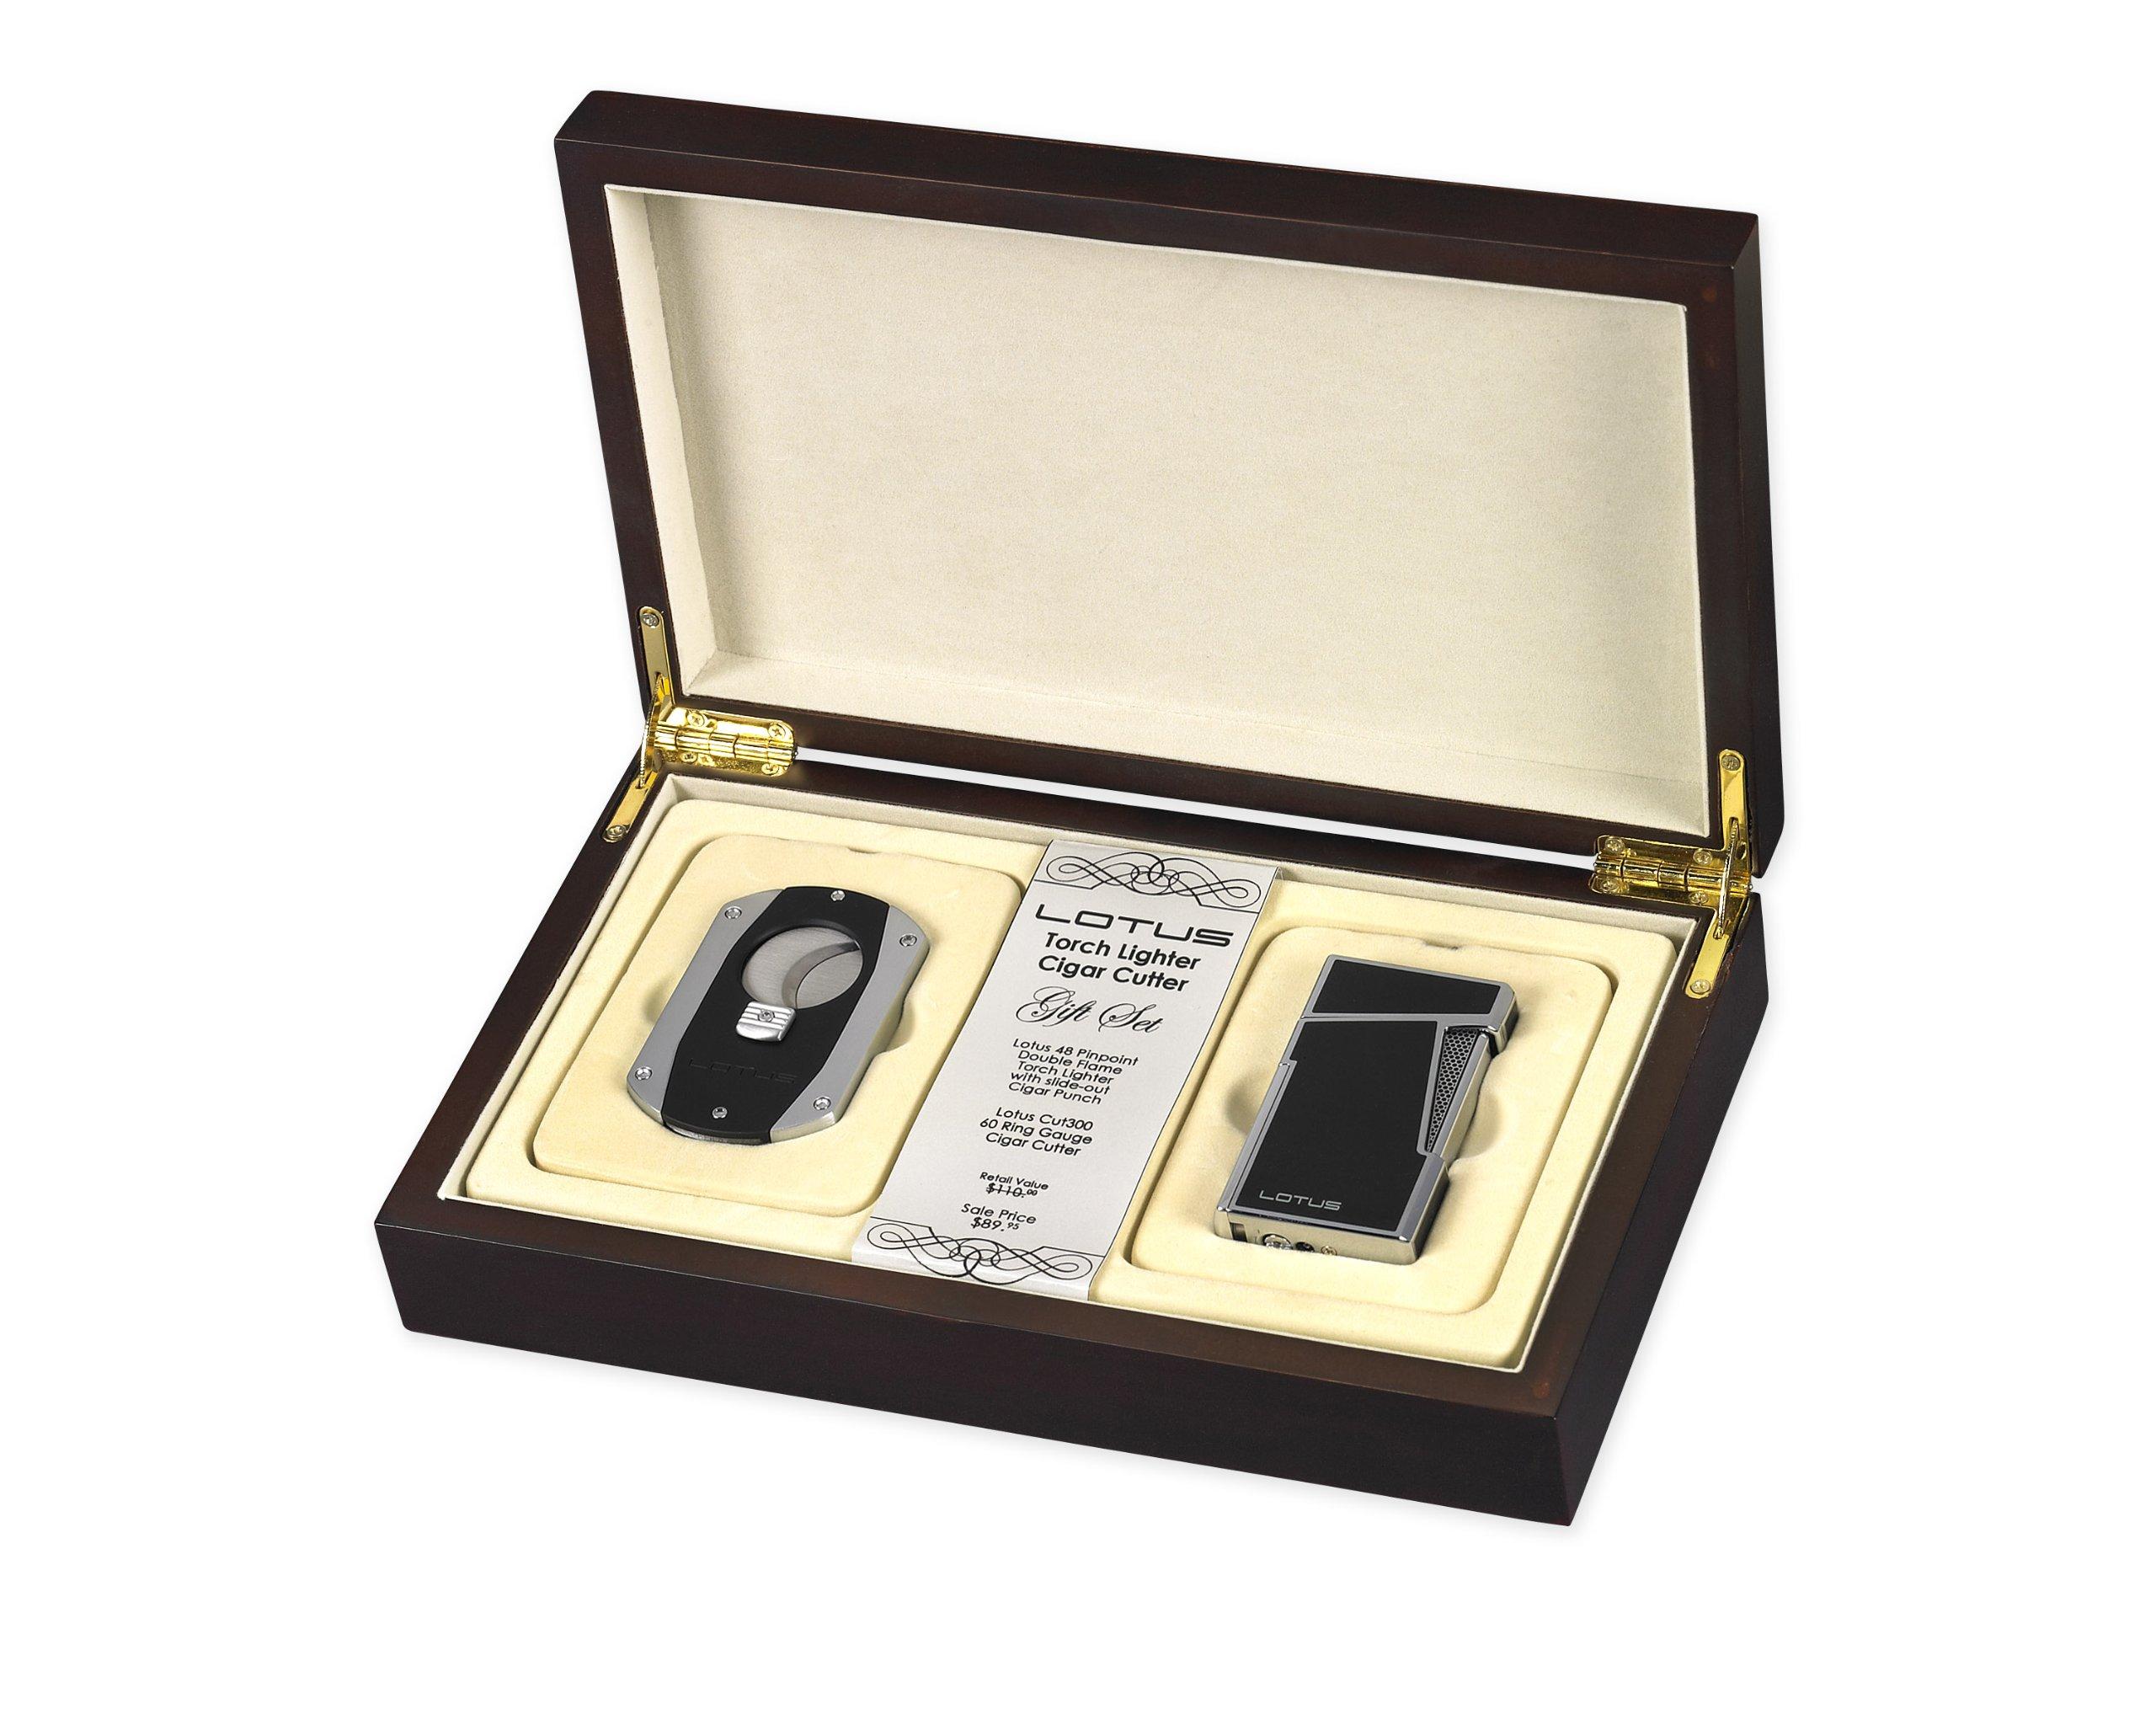 Lotus Cigar Cut 300 & Apollo 48 Lighter Gift Set (Black Lacquer)